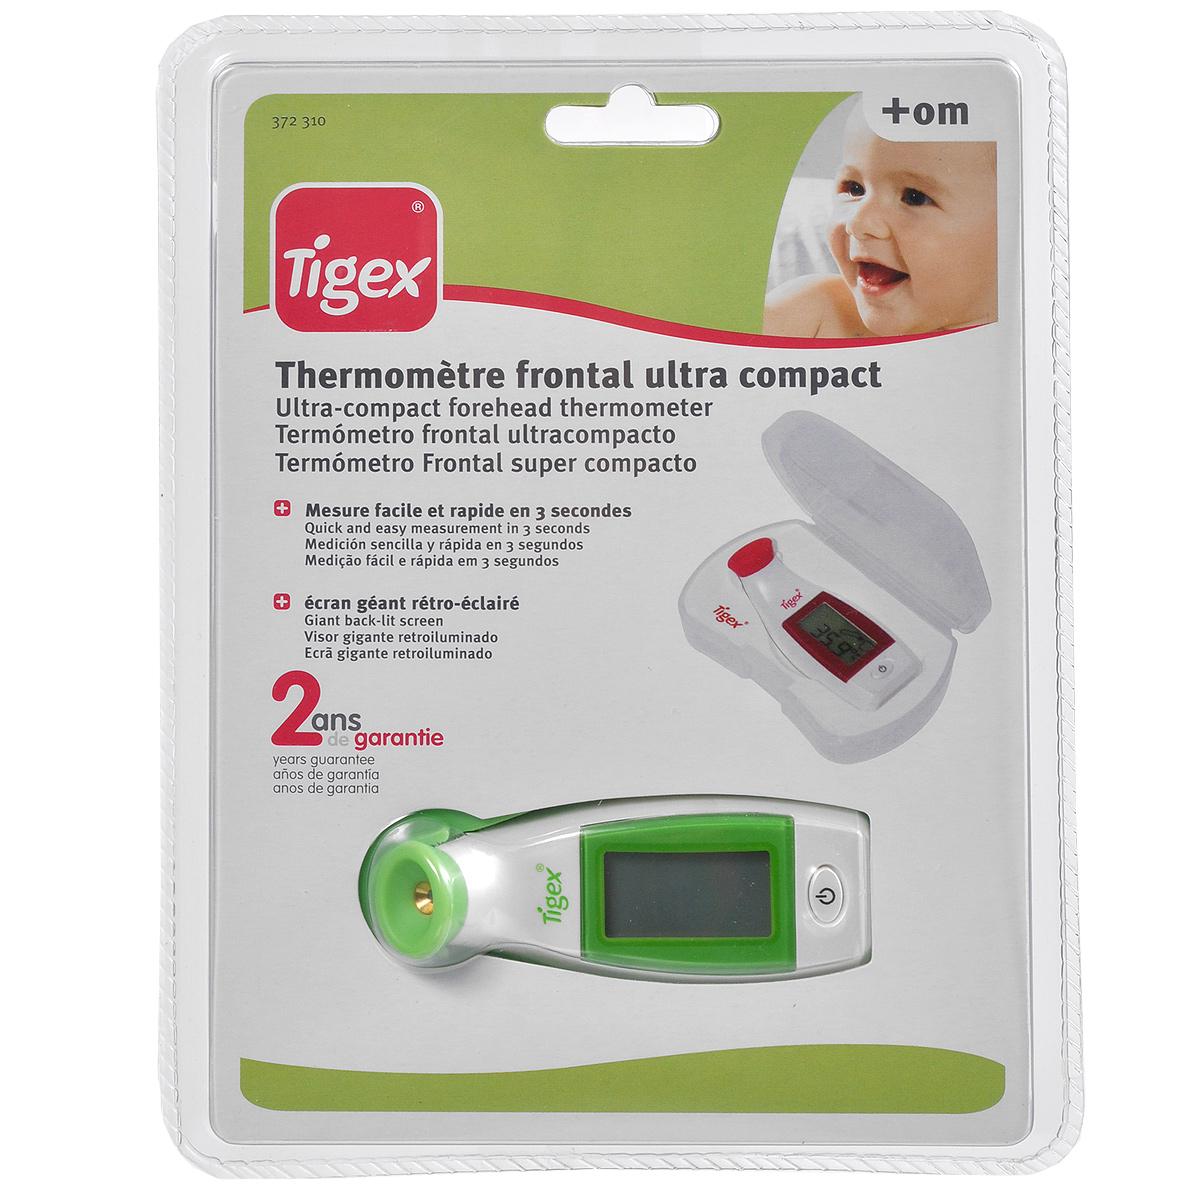 Термометр Tigex (Тижекс), электронный, налобный, цвет: салатовый372 310 салатовый